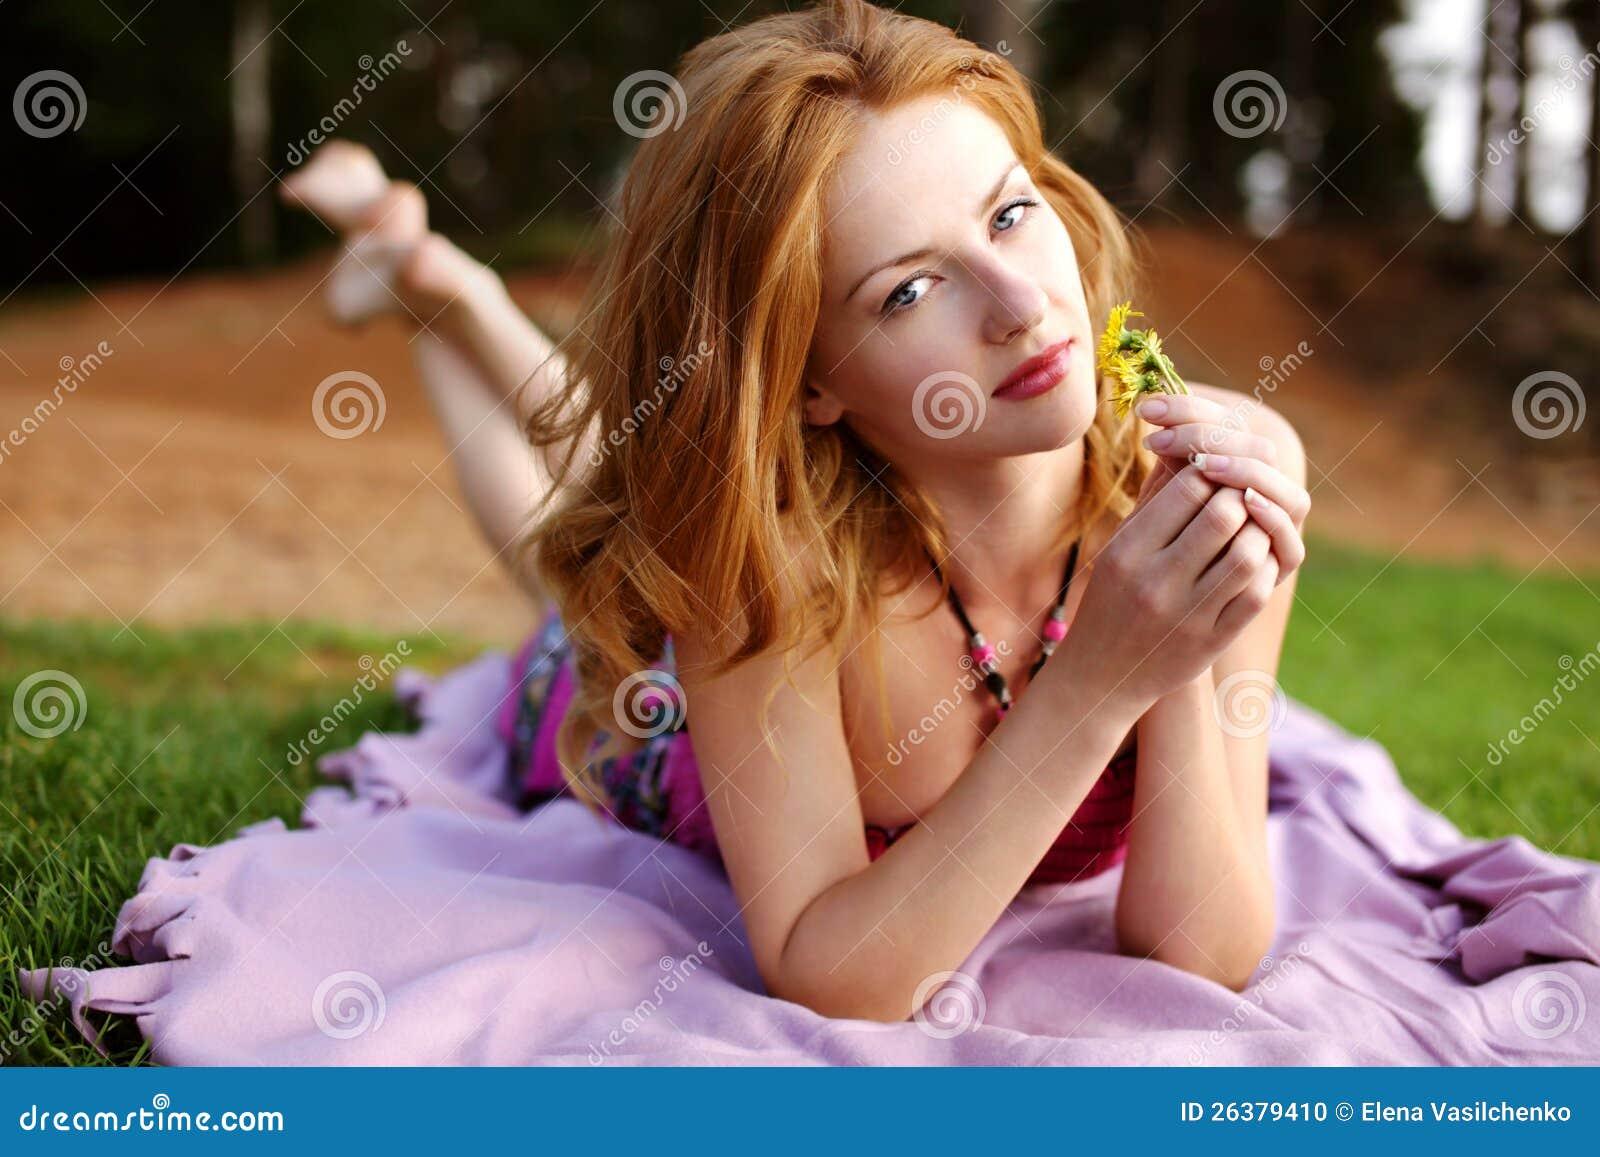 Mädchen mit dem roten Haar auf grünem Gras